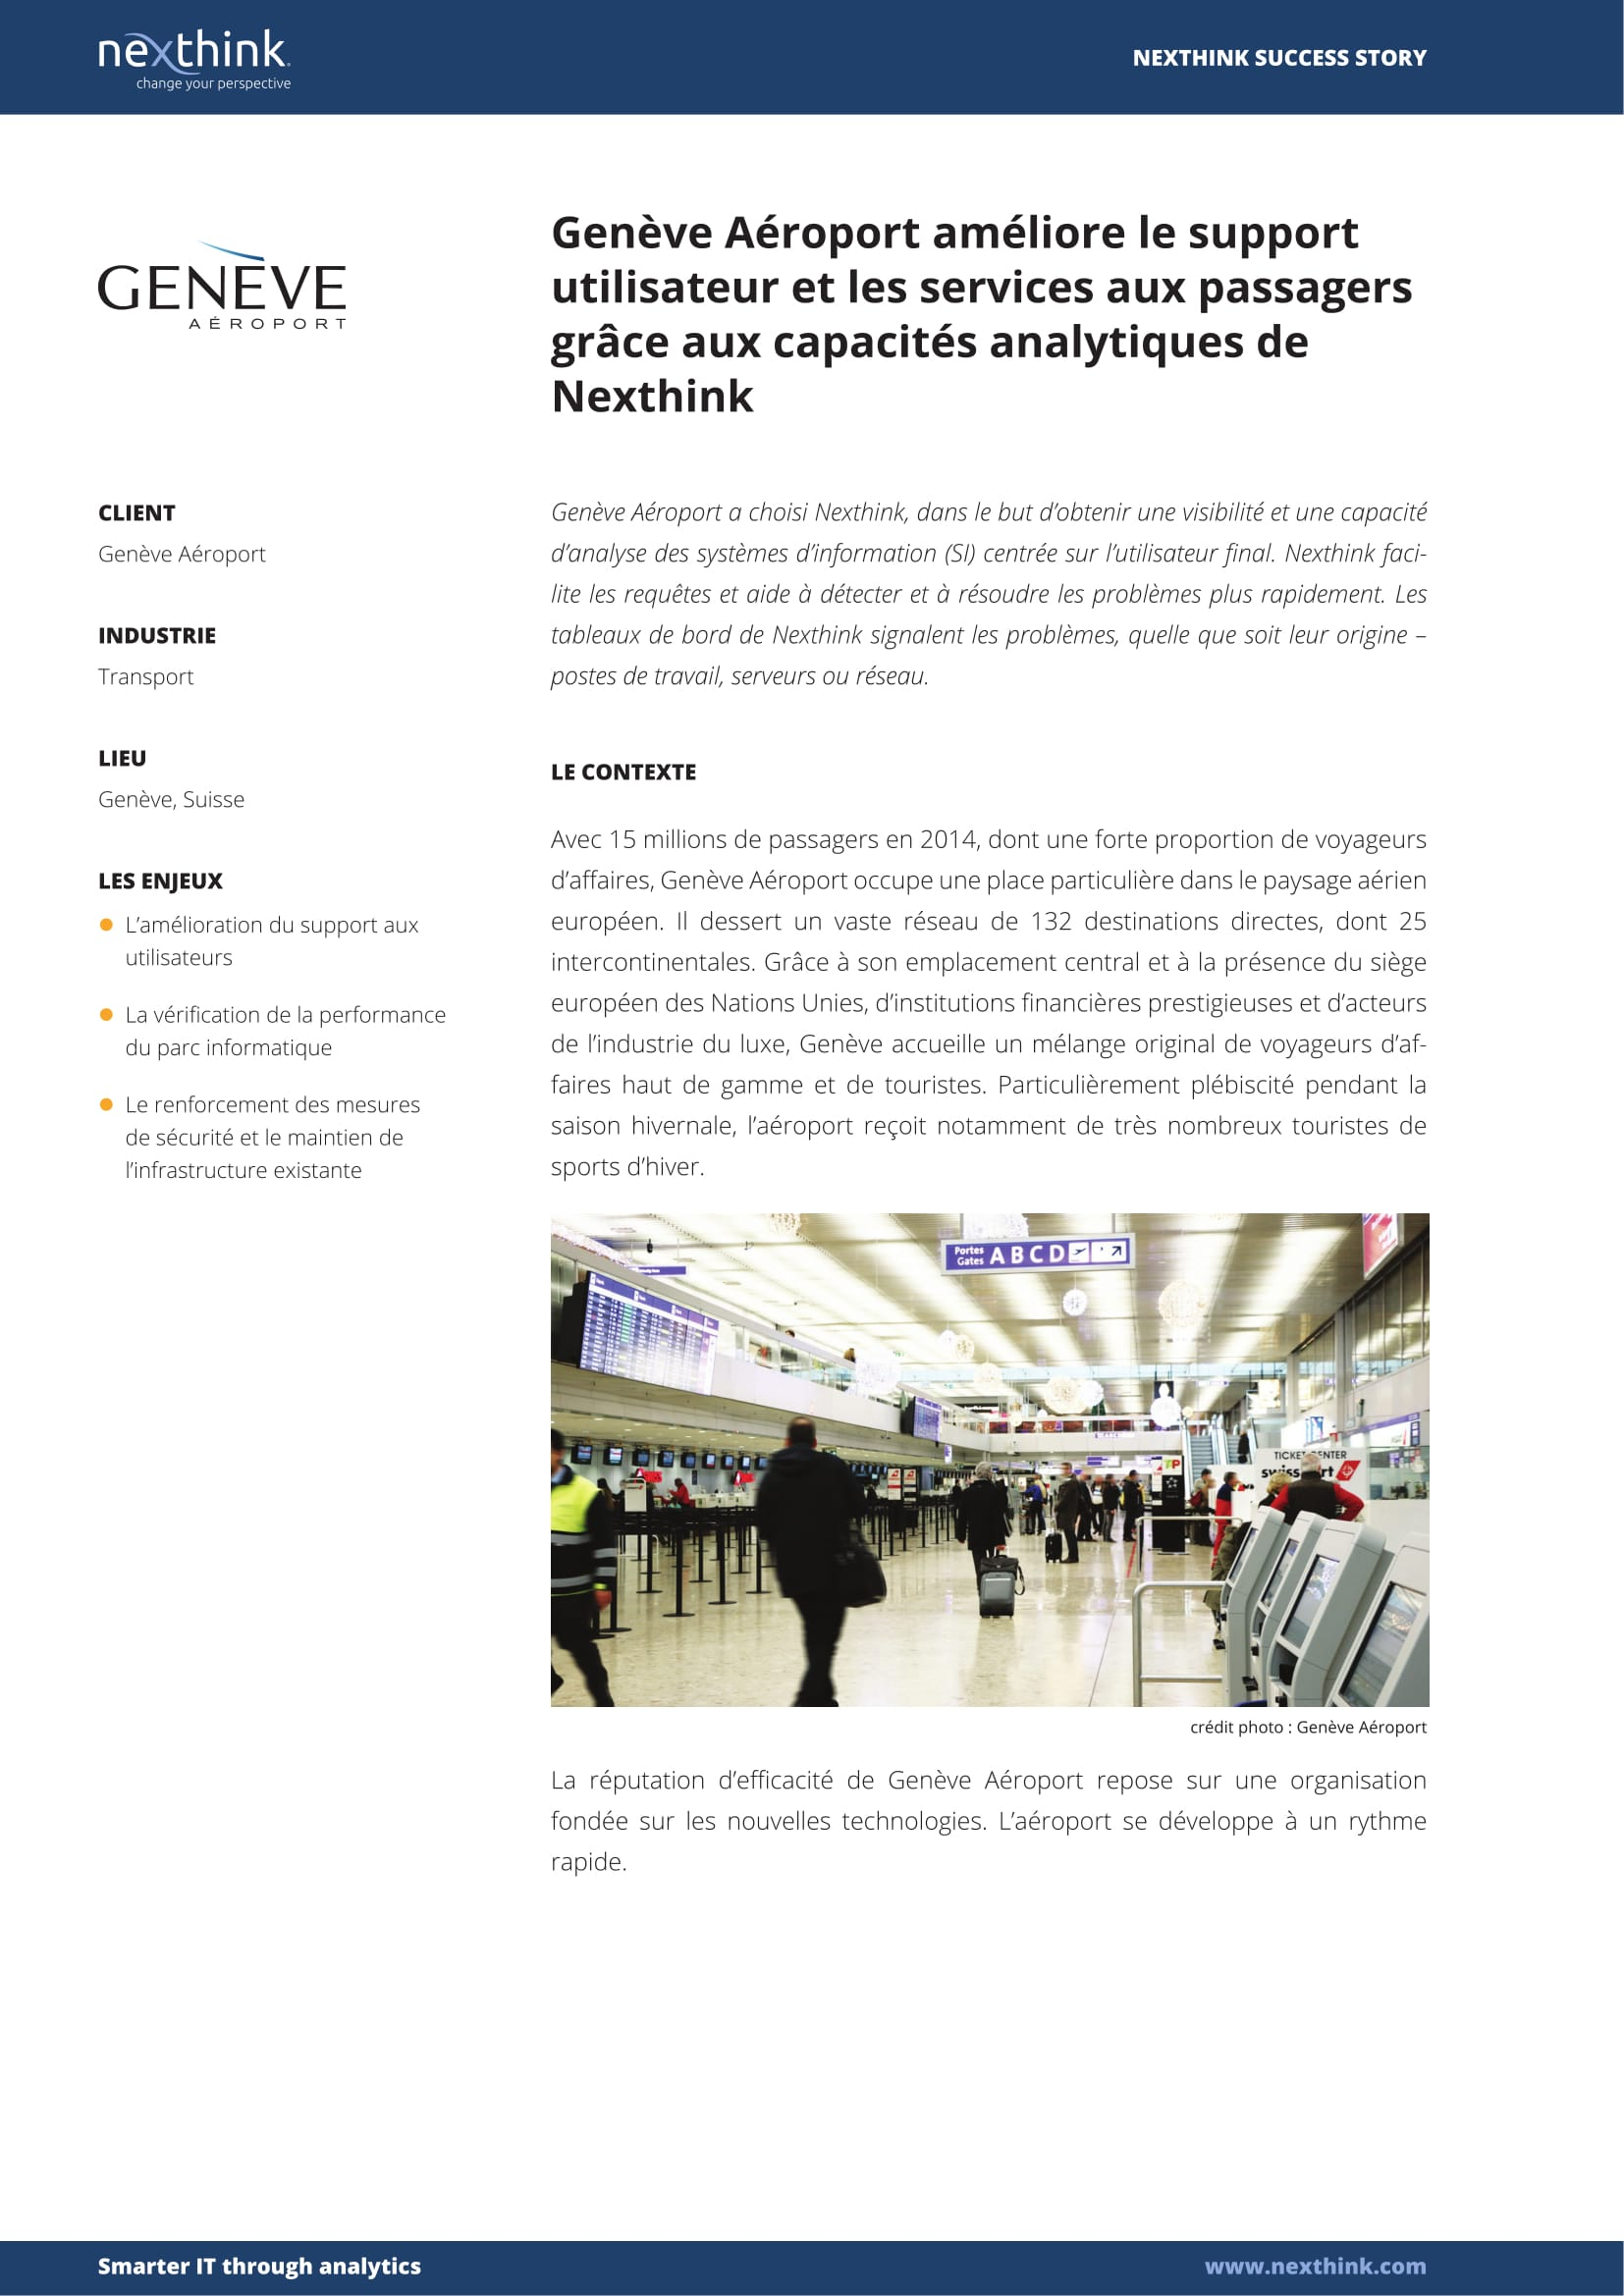 Genève Aéroport améliore le support utilisateur et les services aux passagers grâce aux capacités analytiques de Nexthink